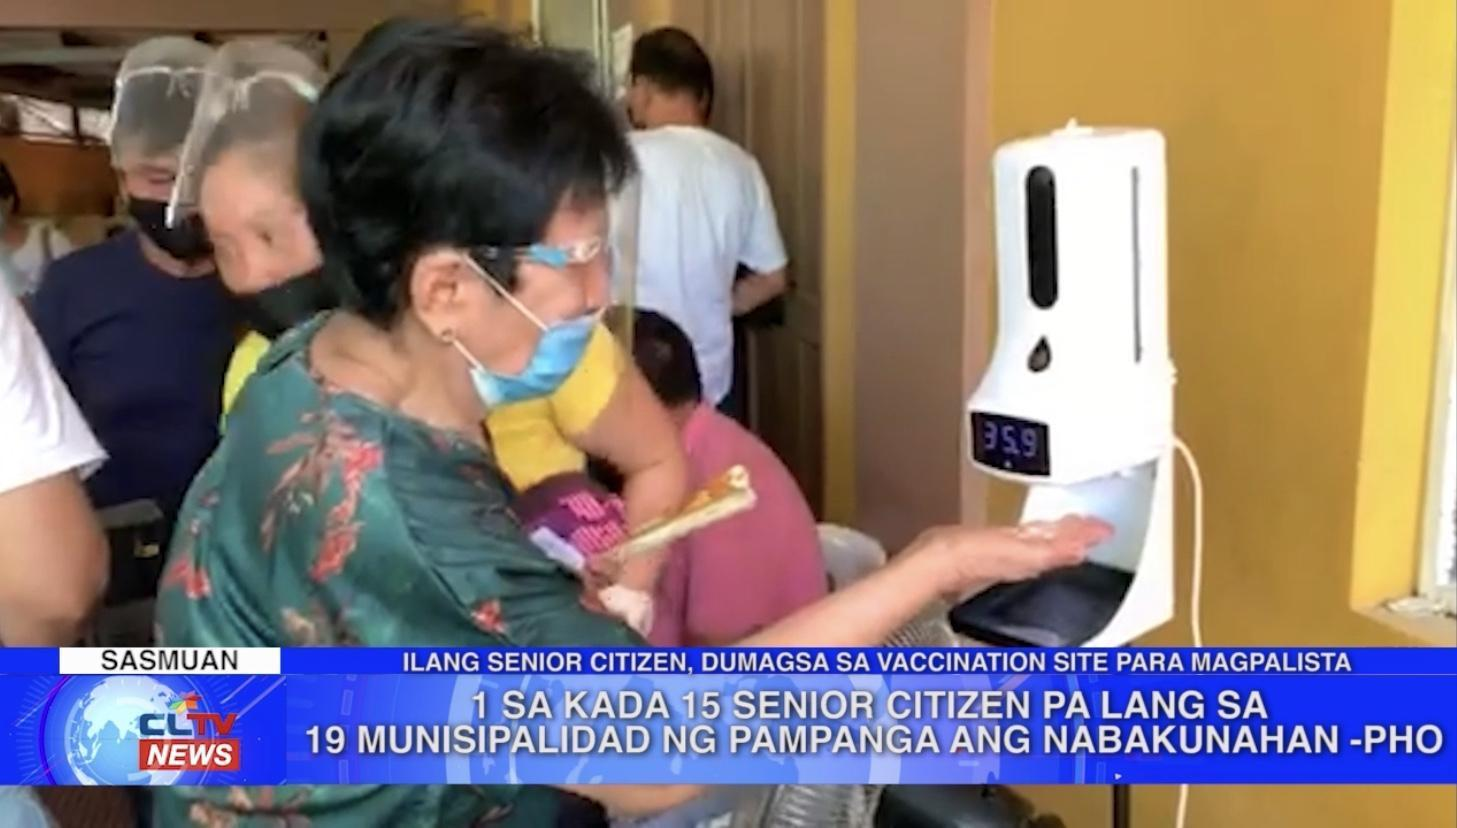 1 sa kada 15 senior citizen pa lang sa 19 munisipalidad ng Pampanga ang nabakunahan - PHO